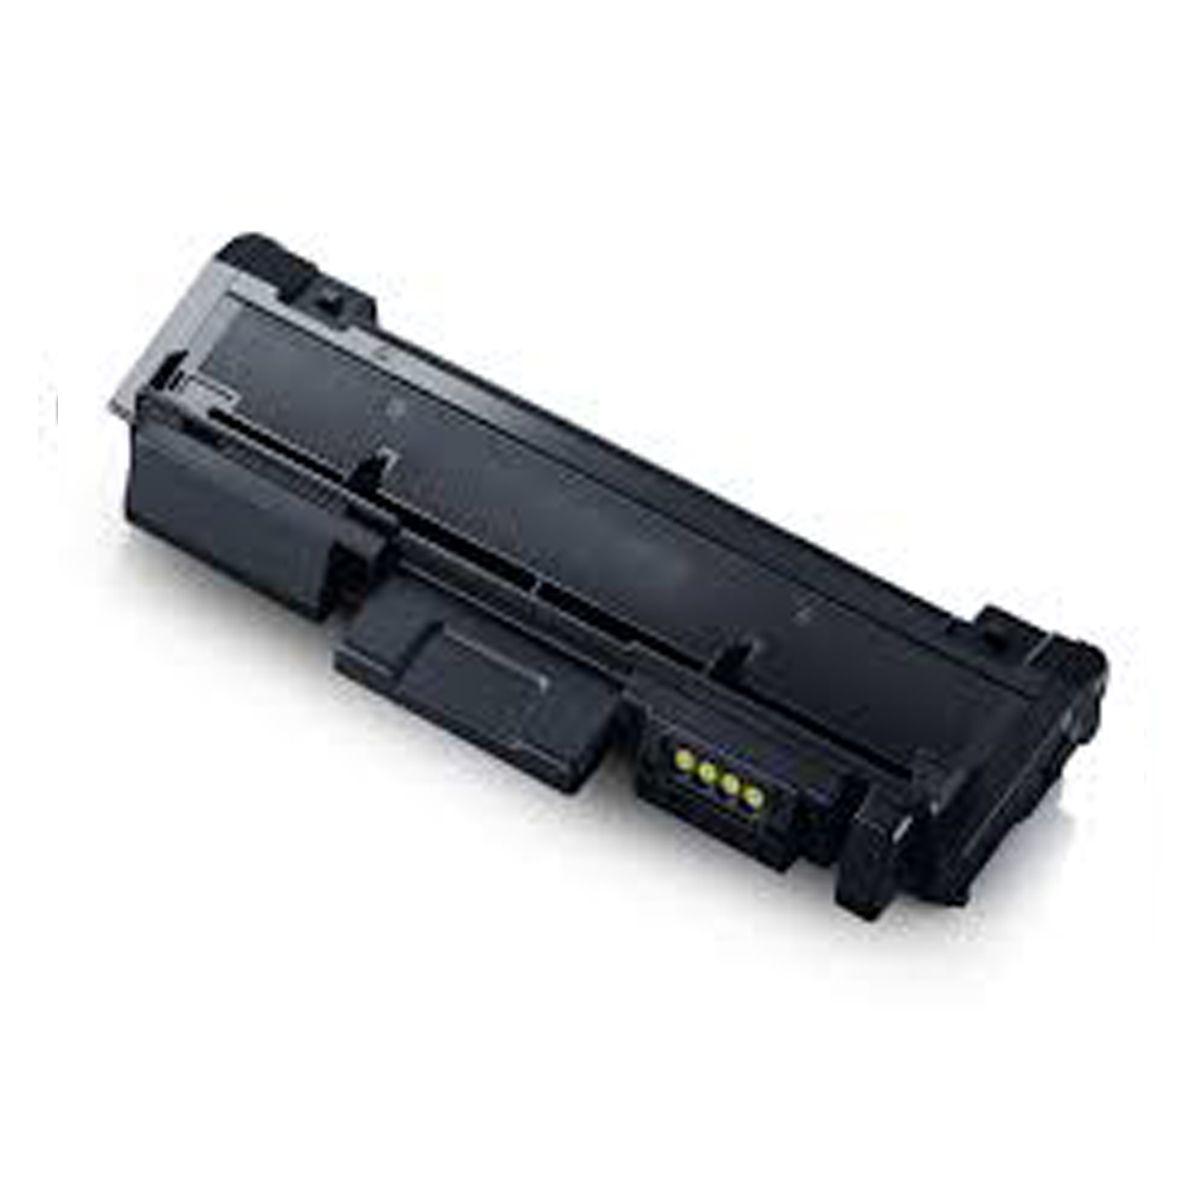 Toner D116L D116 116 para impressoras M2875 M2885 M2825 M2835DW